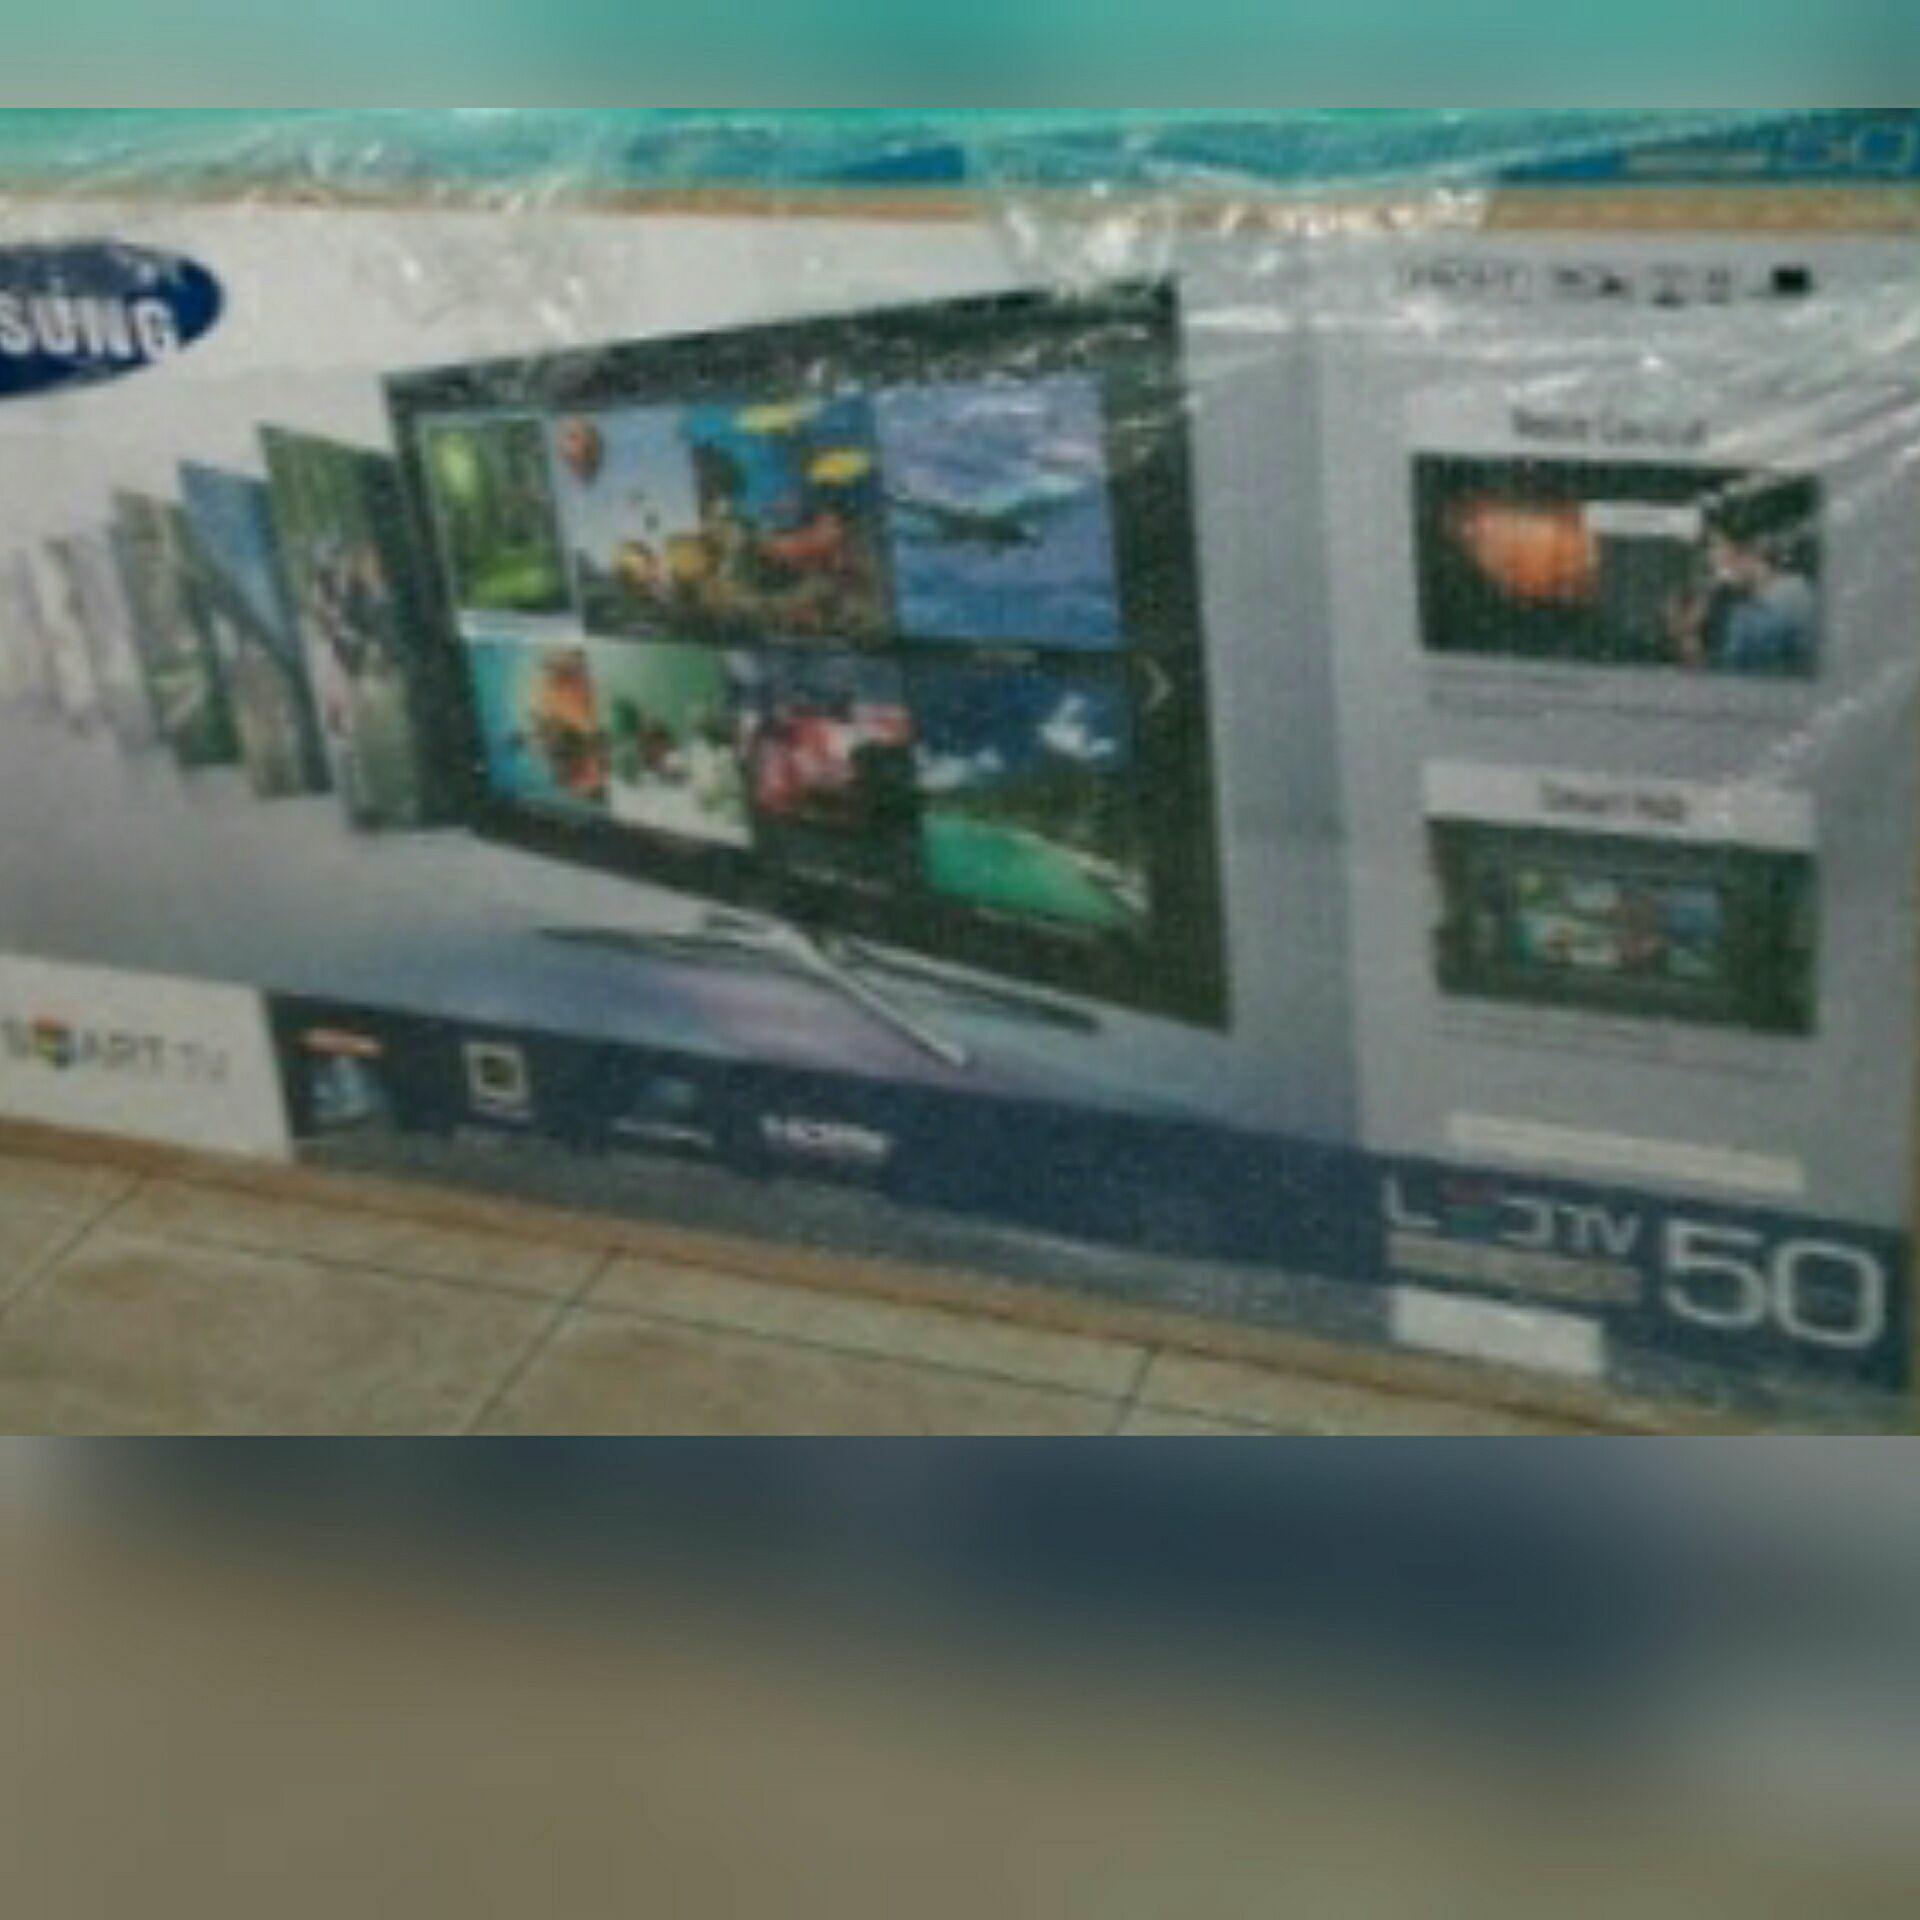 Cek Harga Baru Tv Led Samsung 32 Inch Asli Original Terkini Situs